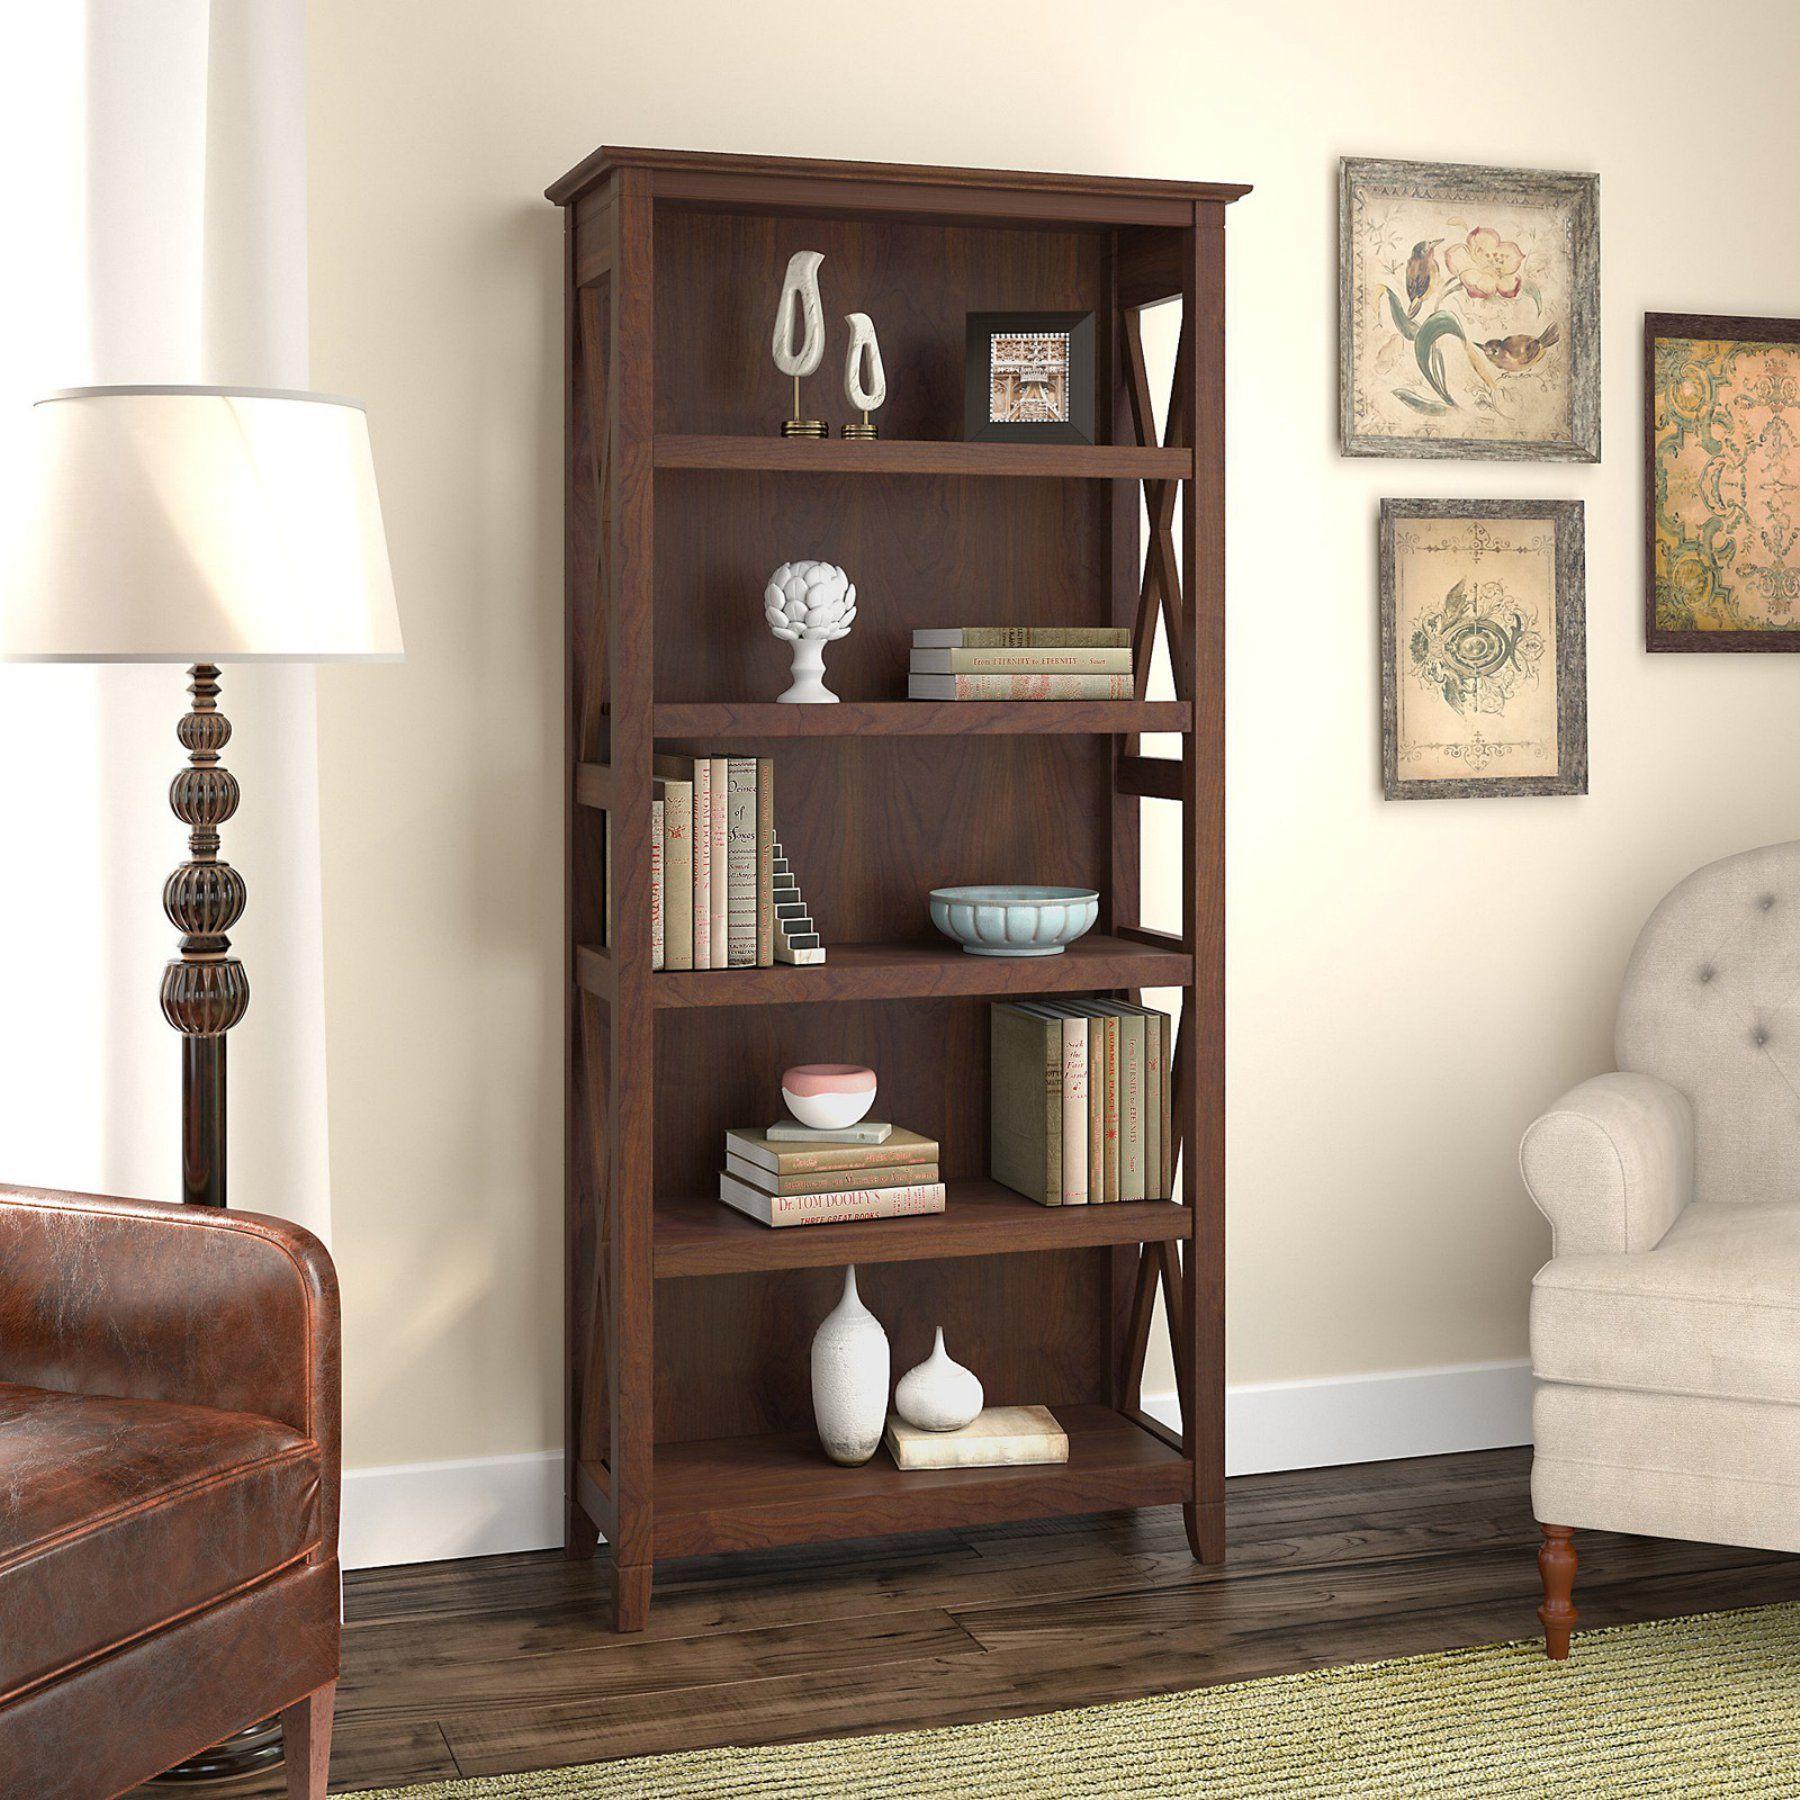 Bush Furniture Key West 5 Shelf Bookcase  Kwb132Bc 03